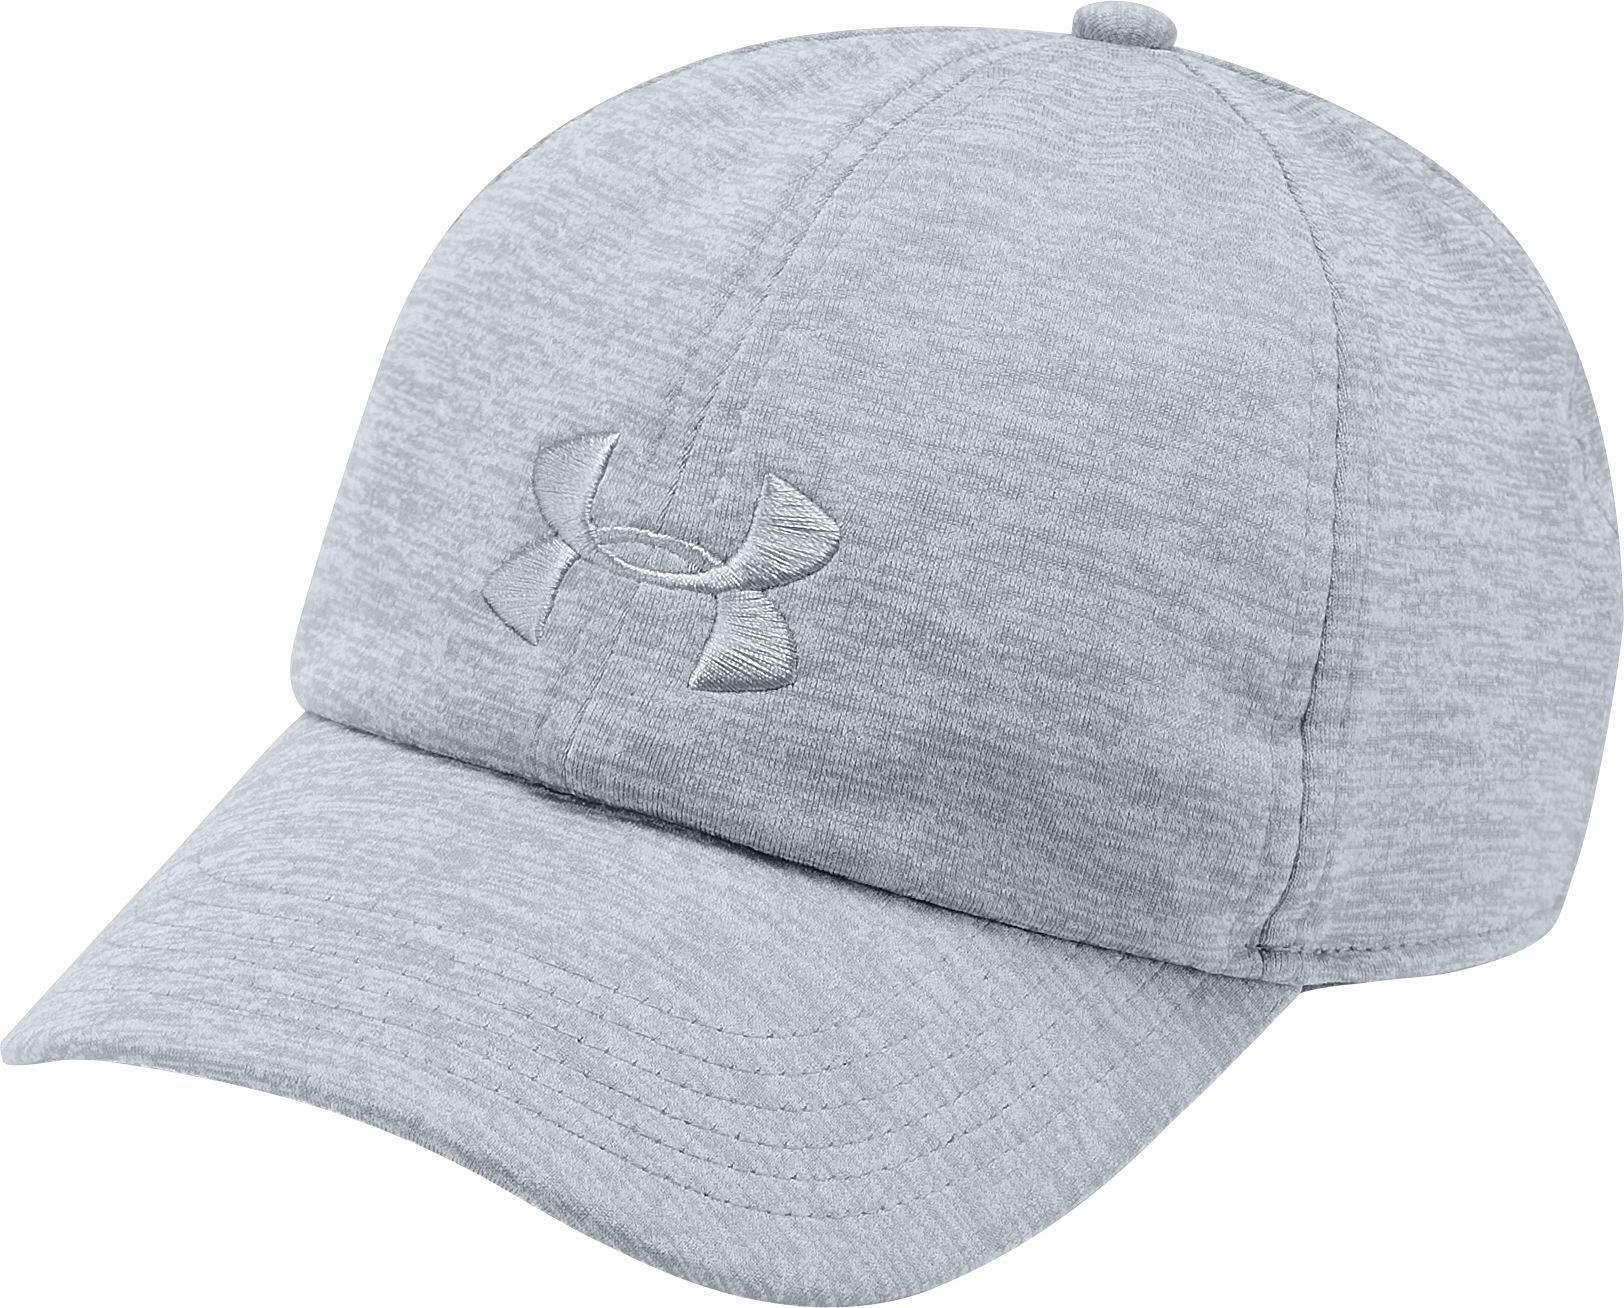 06edf044c93 Lyst - Under Armour Threadborne Renegade Twist Hat in Gray